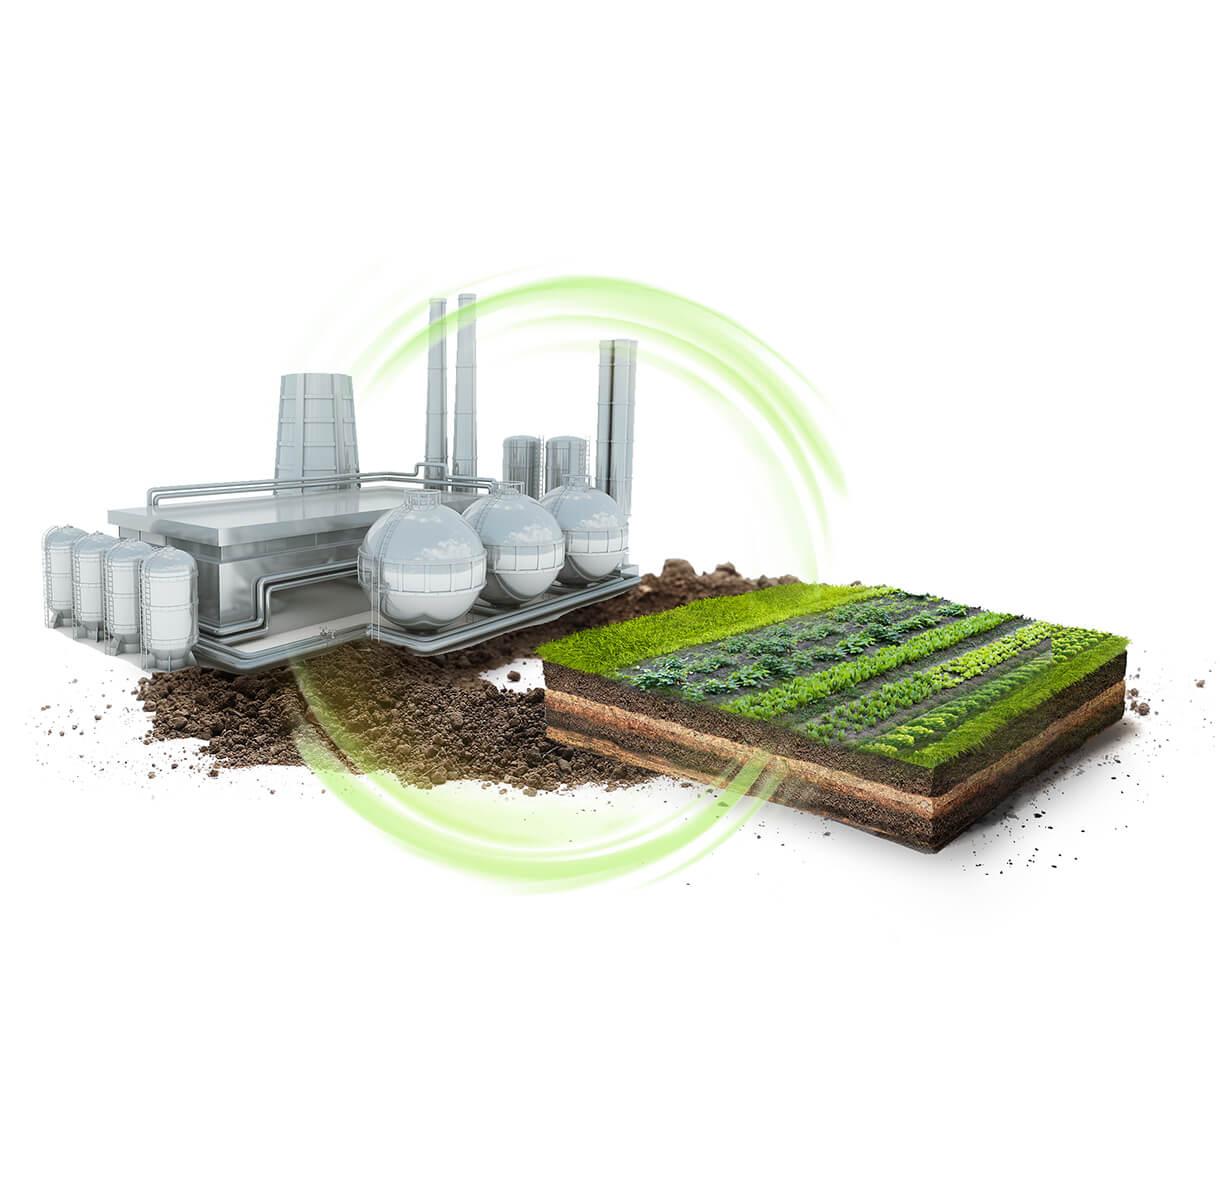 نحن نصنع التكنولوجيا الحيوية الإنتاجية